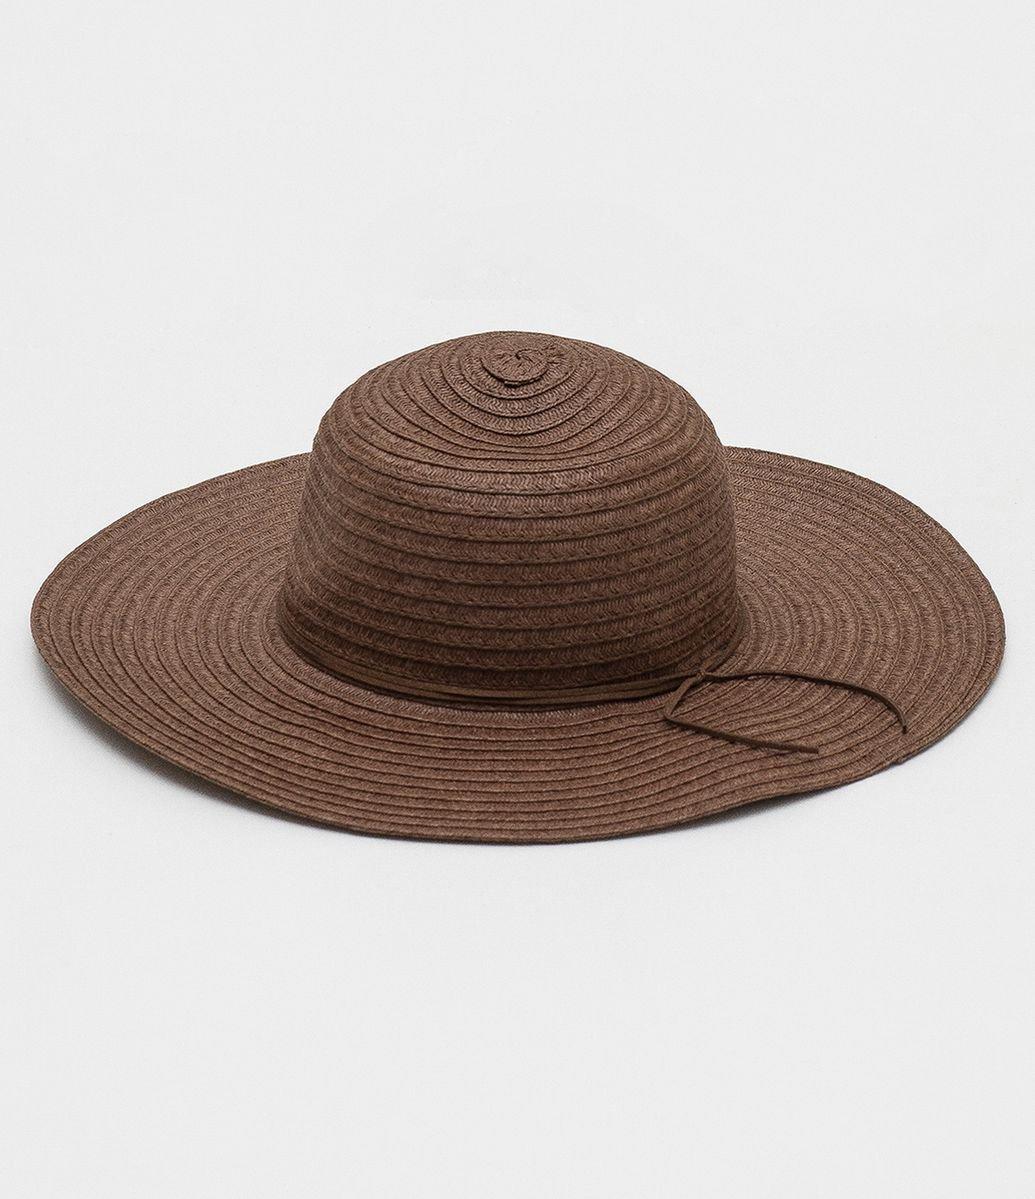 8887281329212 Chapéu de Palha com Tira em Suede - Renner